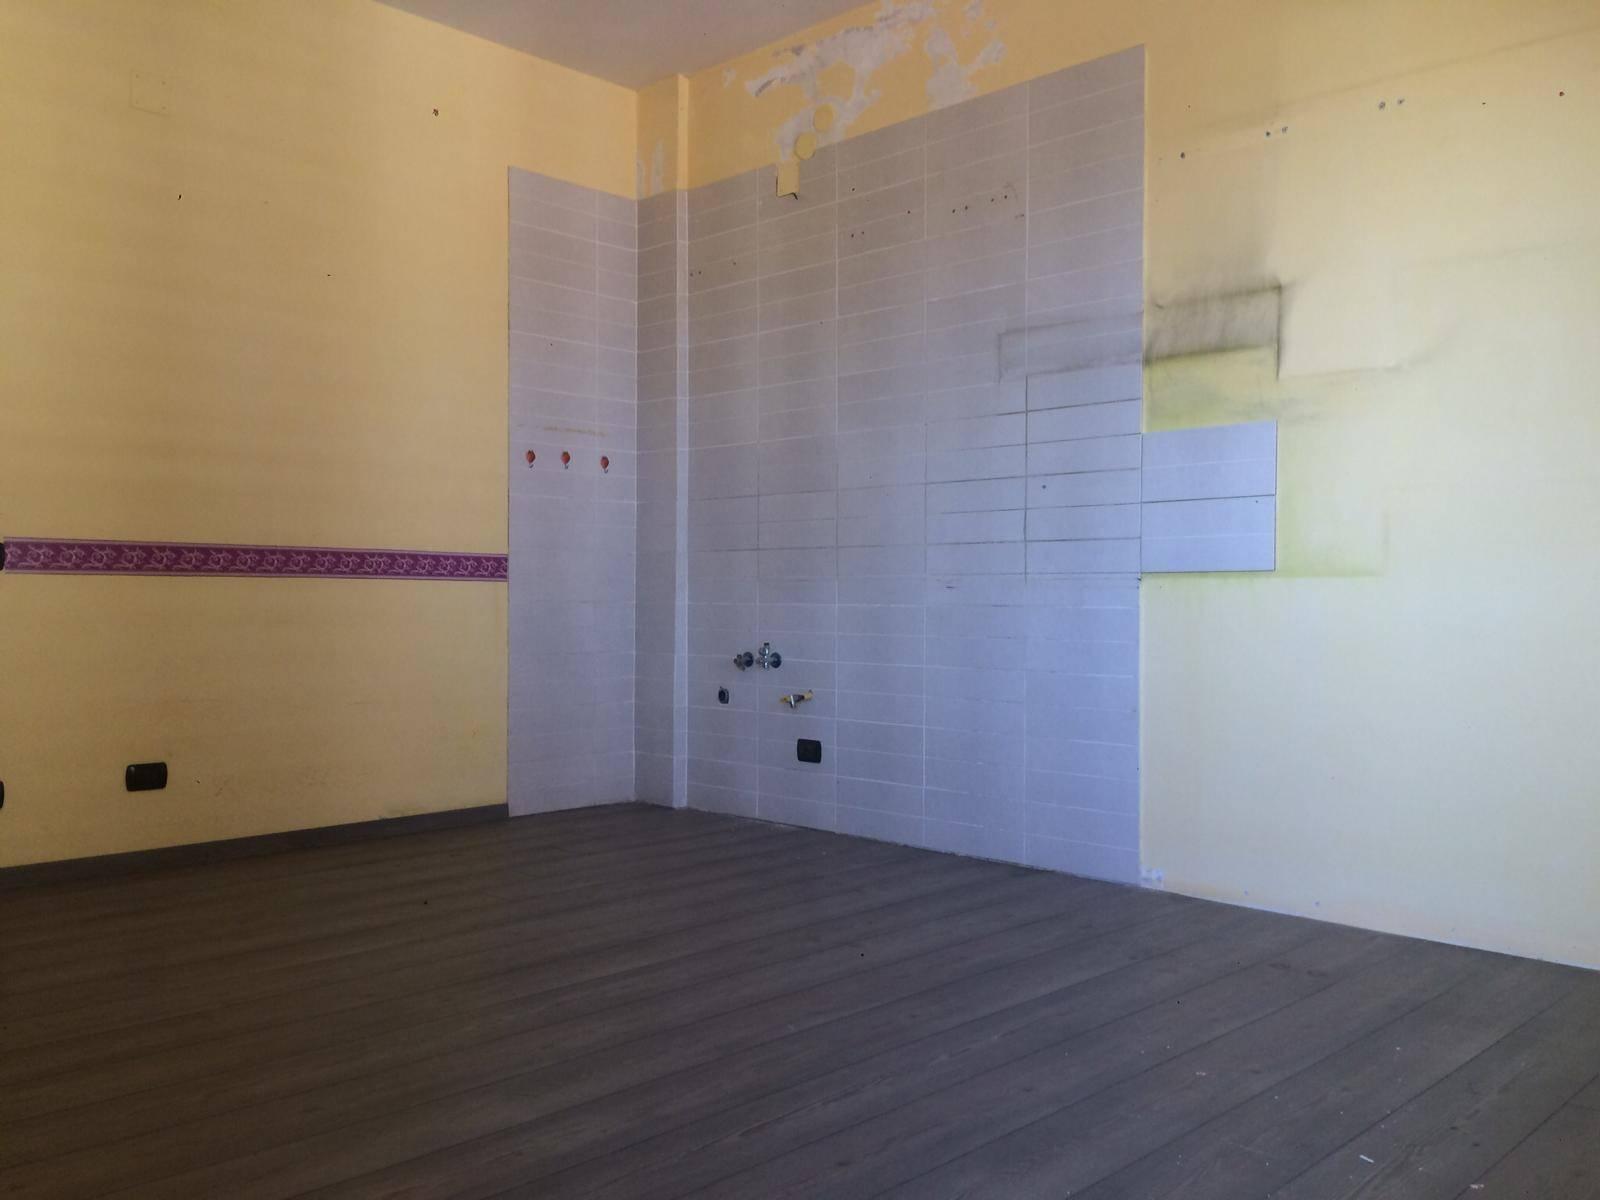 FUORNI, SALERNO, Appartamento in affitto di 110 Mq, Riscaldamento Autonomo, Classe energetica: G, posto al piano 1° su 3, composto da: 4 Vani, Cucina